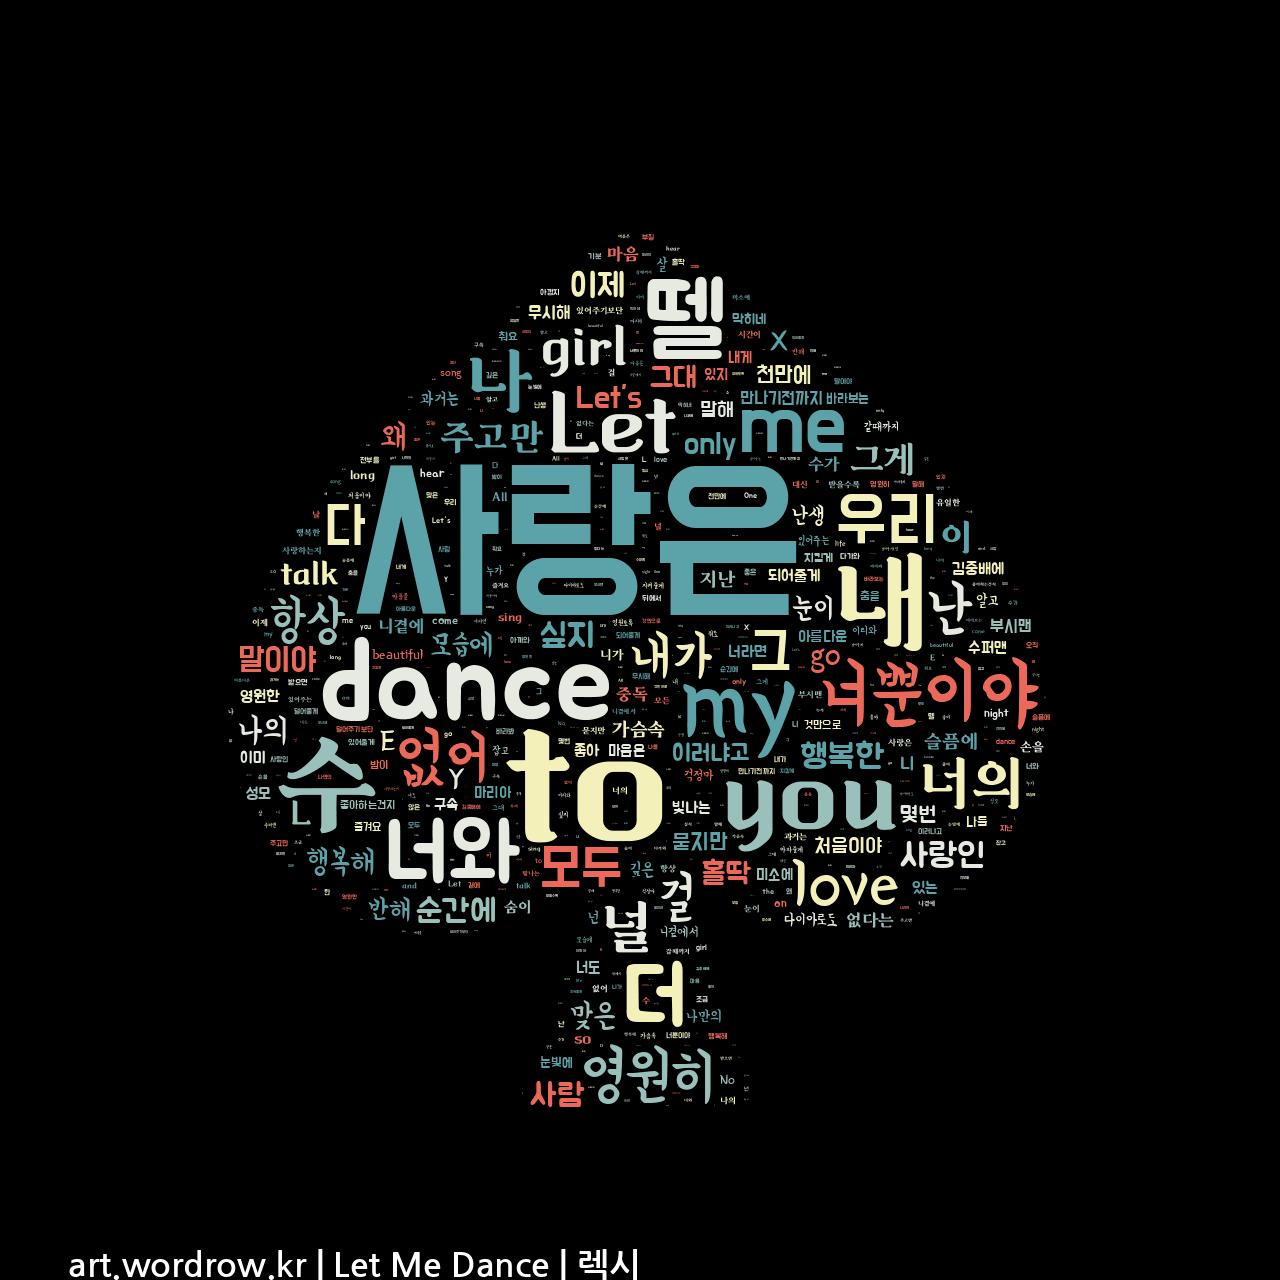 워드 클라우드: Let Me Dance [렉시]-8